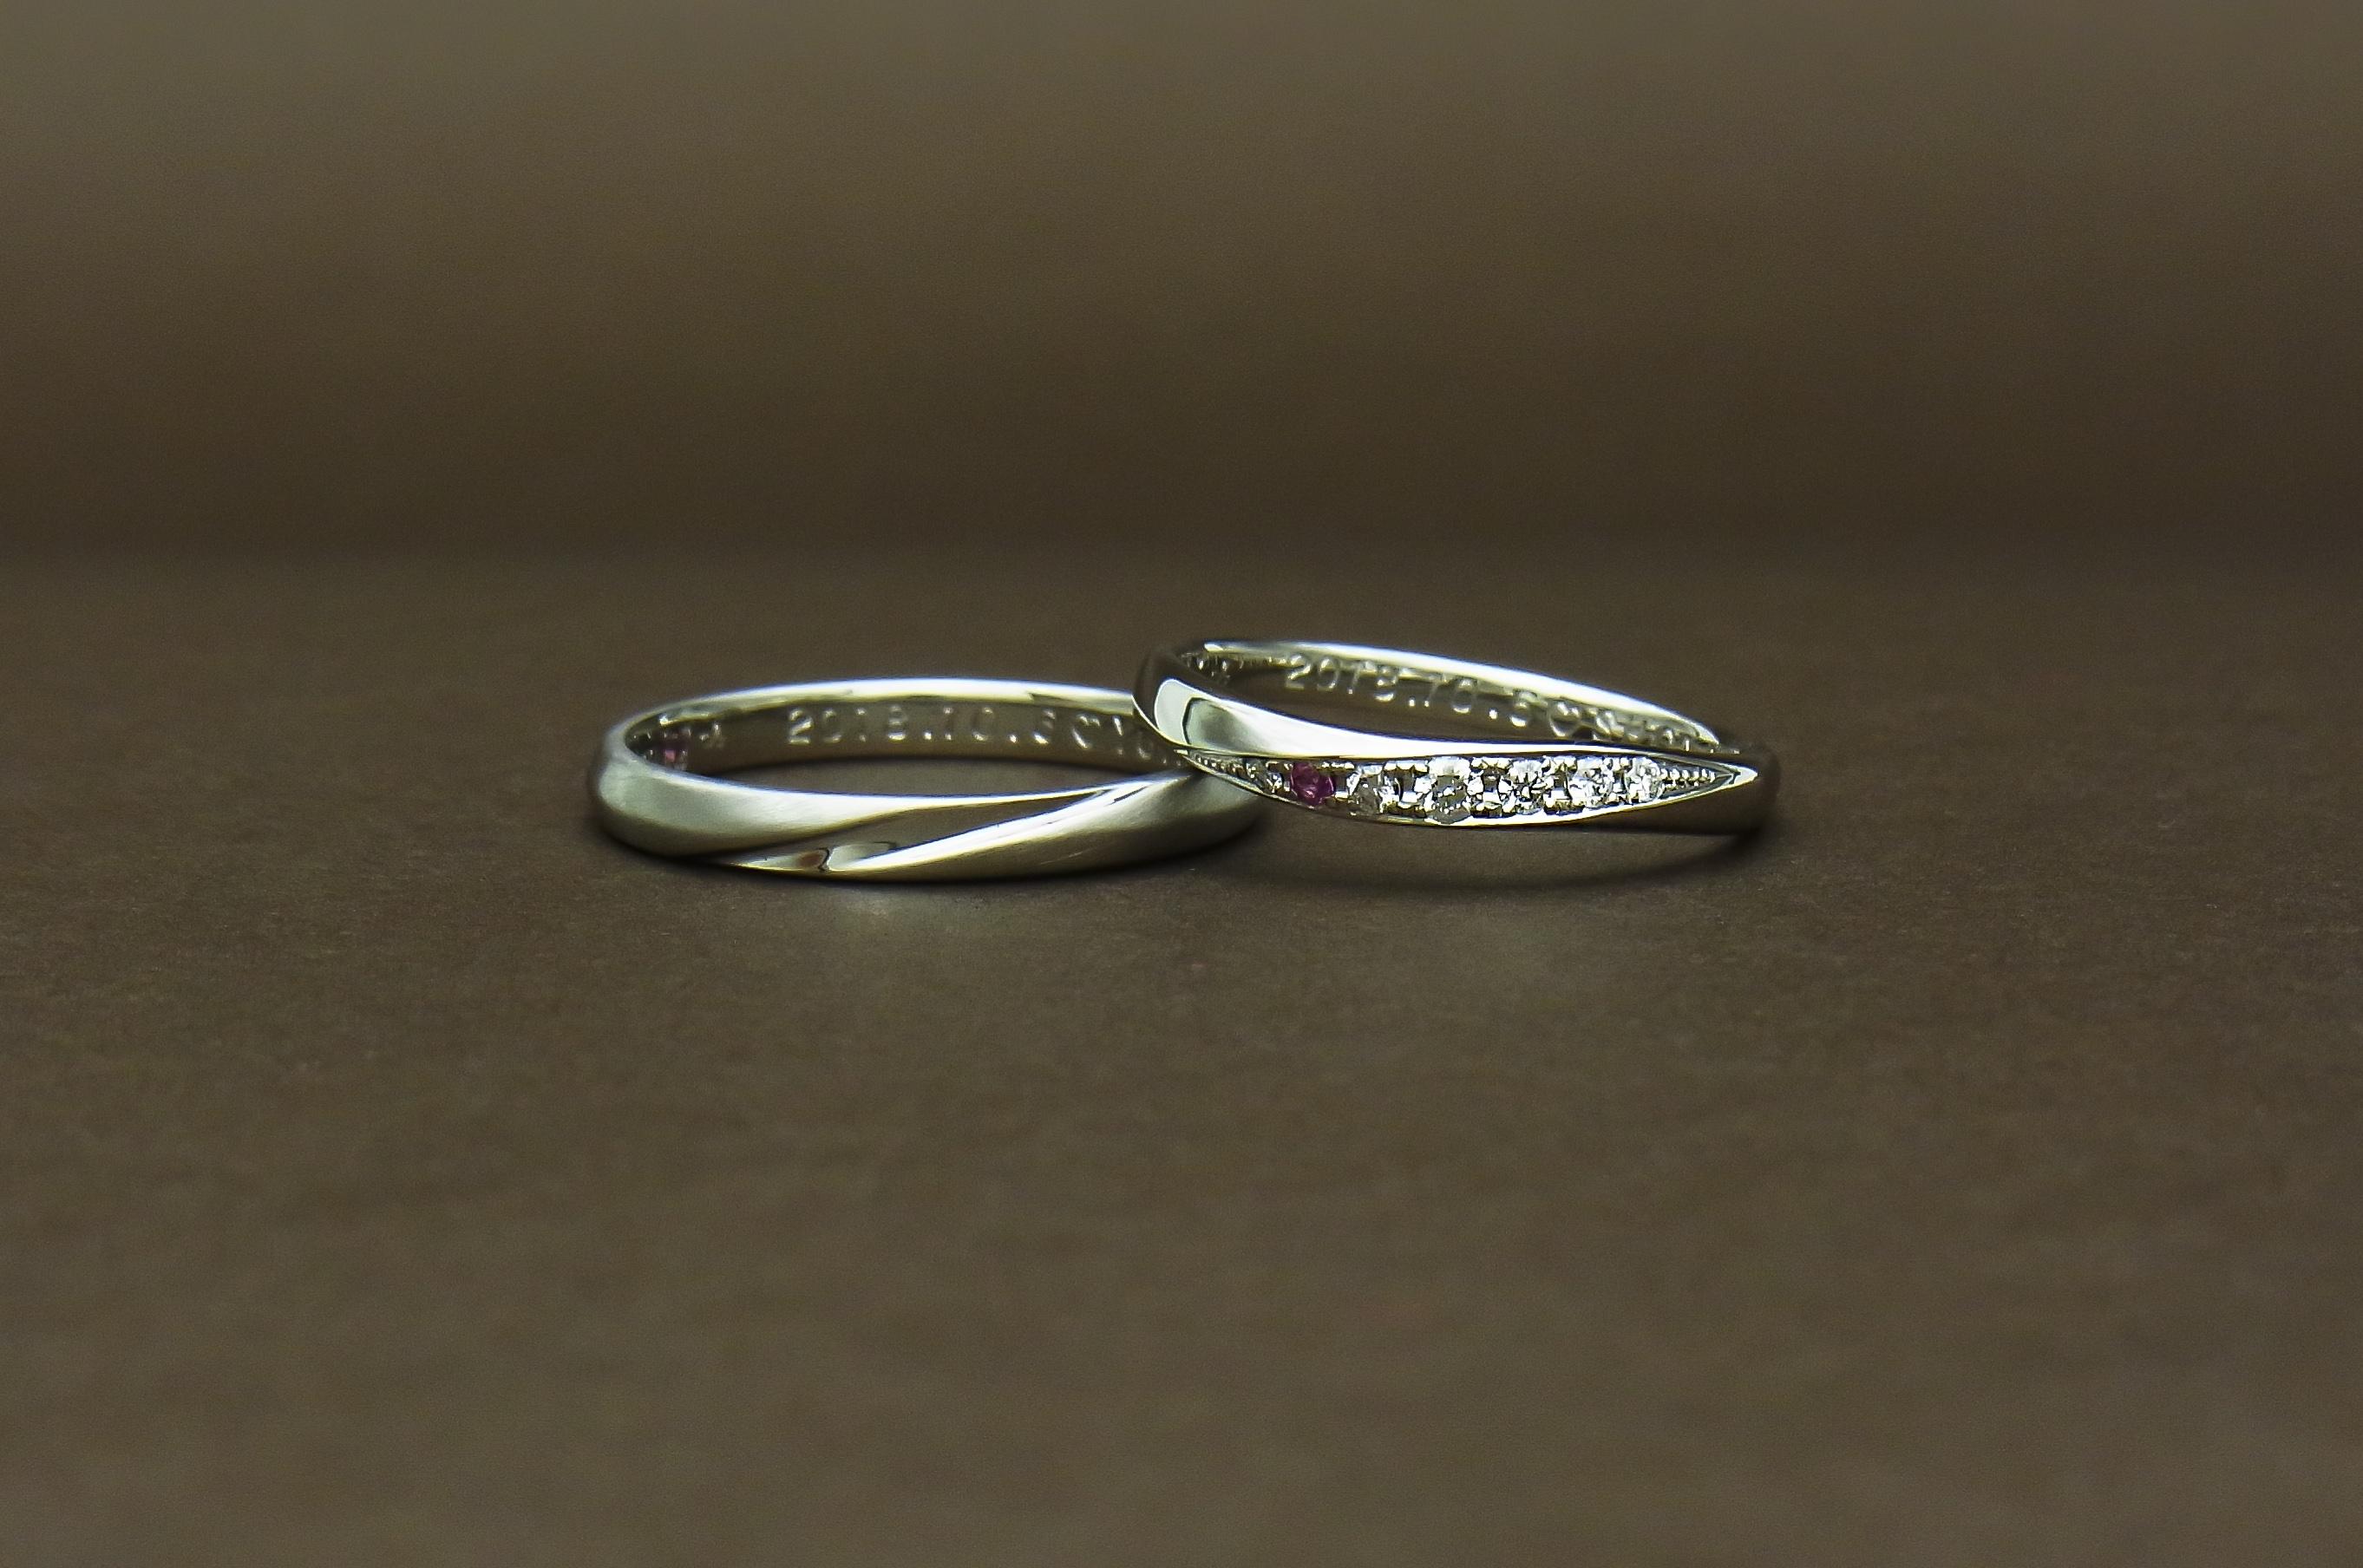 ダイヤモンド結婚指輪